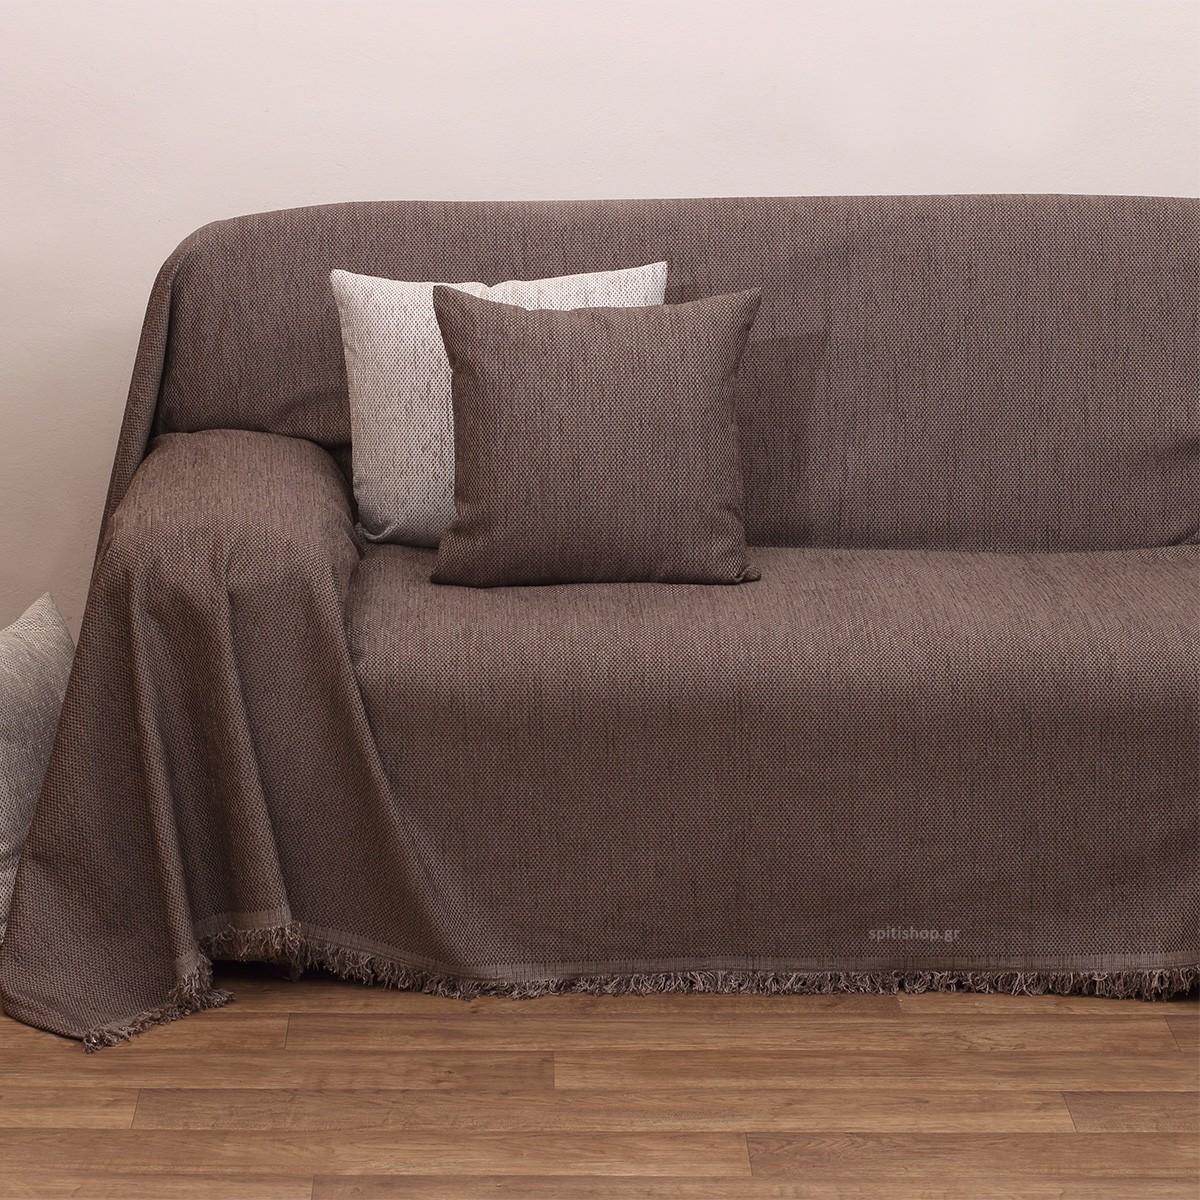 Ριχτάρι Τριθέσιου (180×280) Viopros 2100 Βέγκε